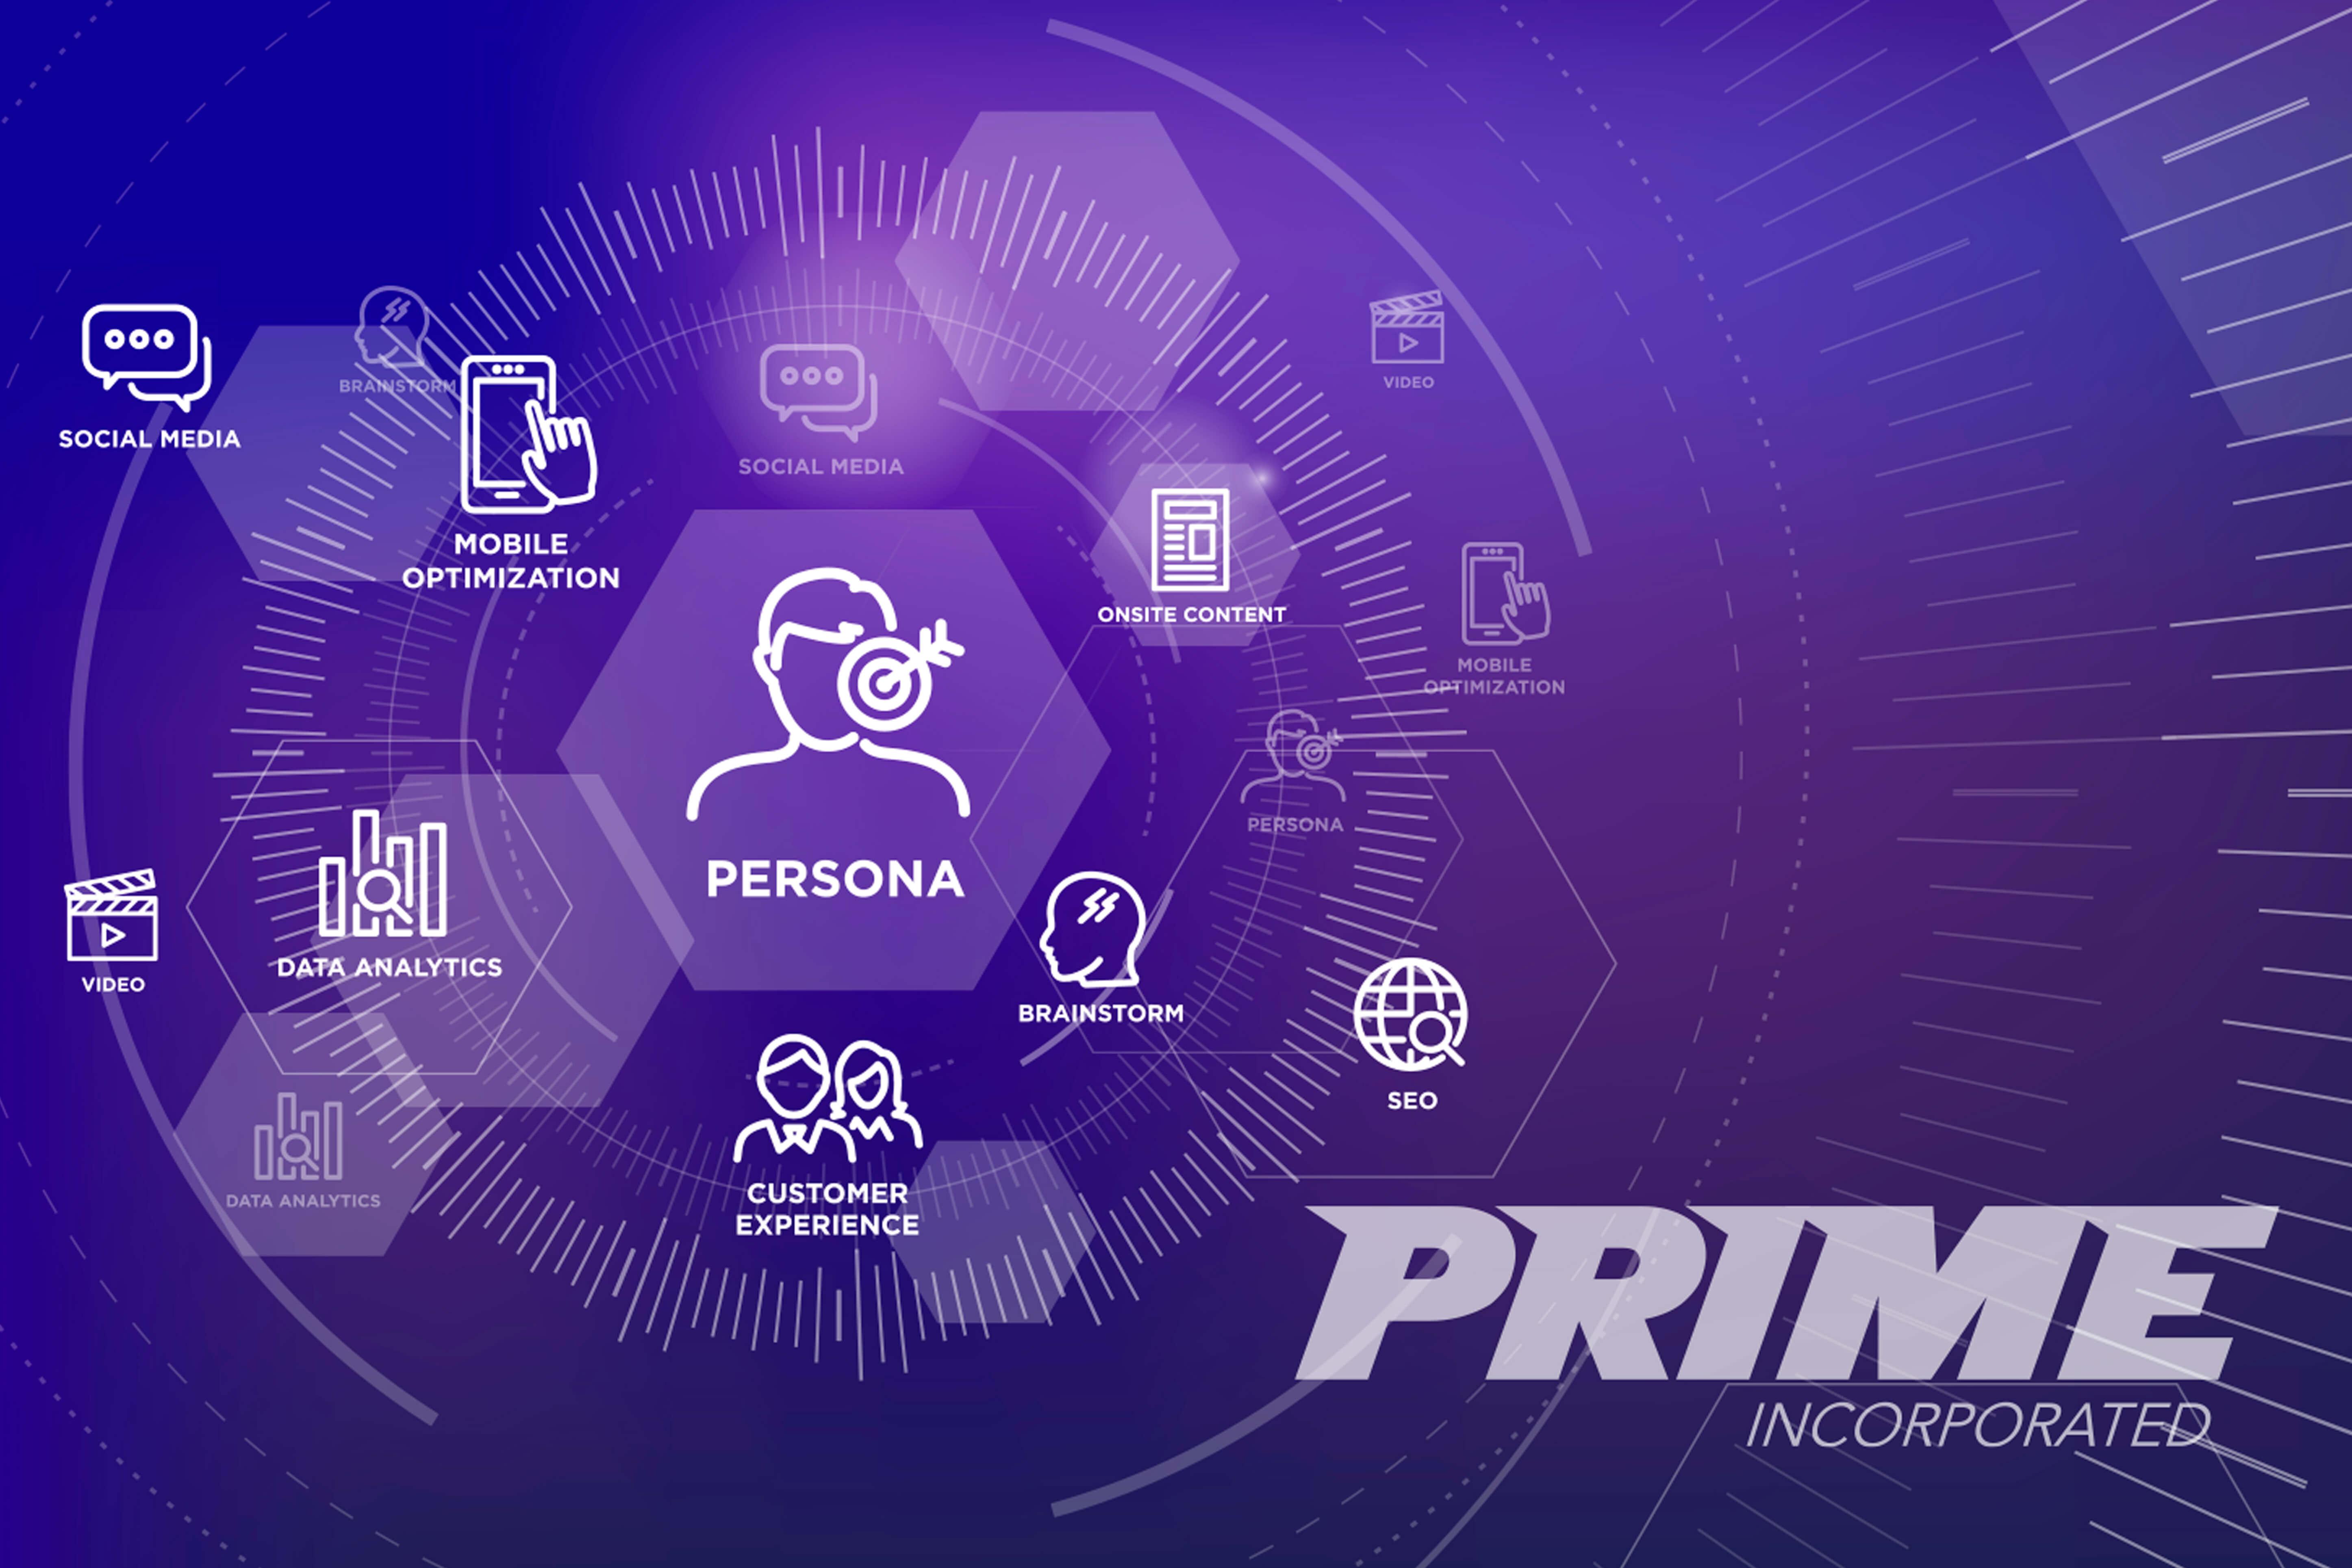 PRIME_Persona-1